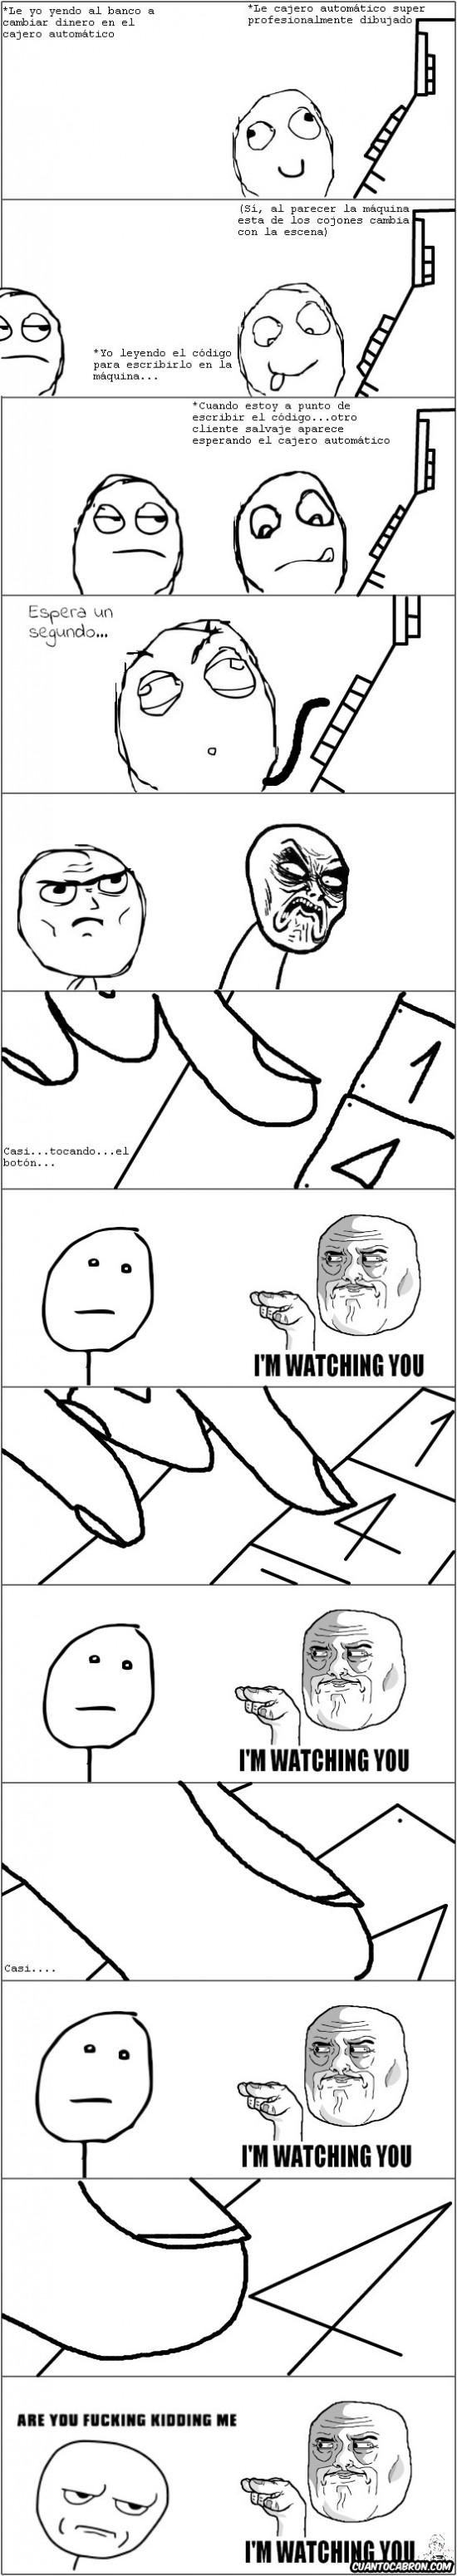 Im_watching_you - A mí nade me mira el código secreto